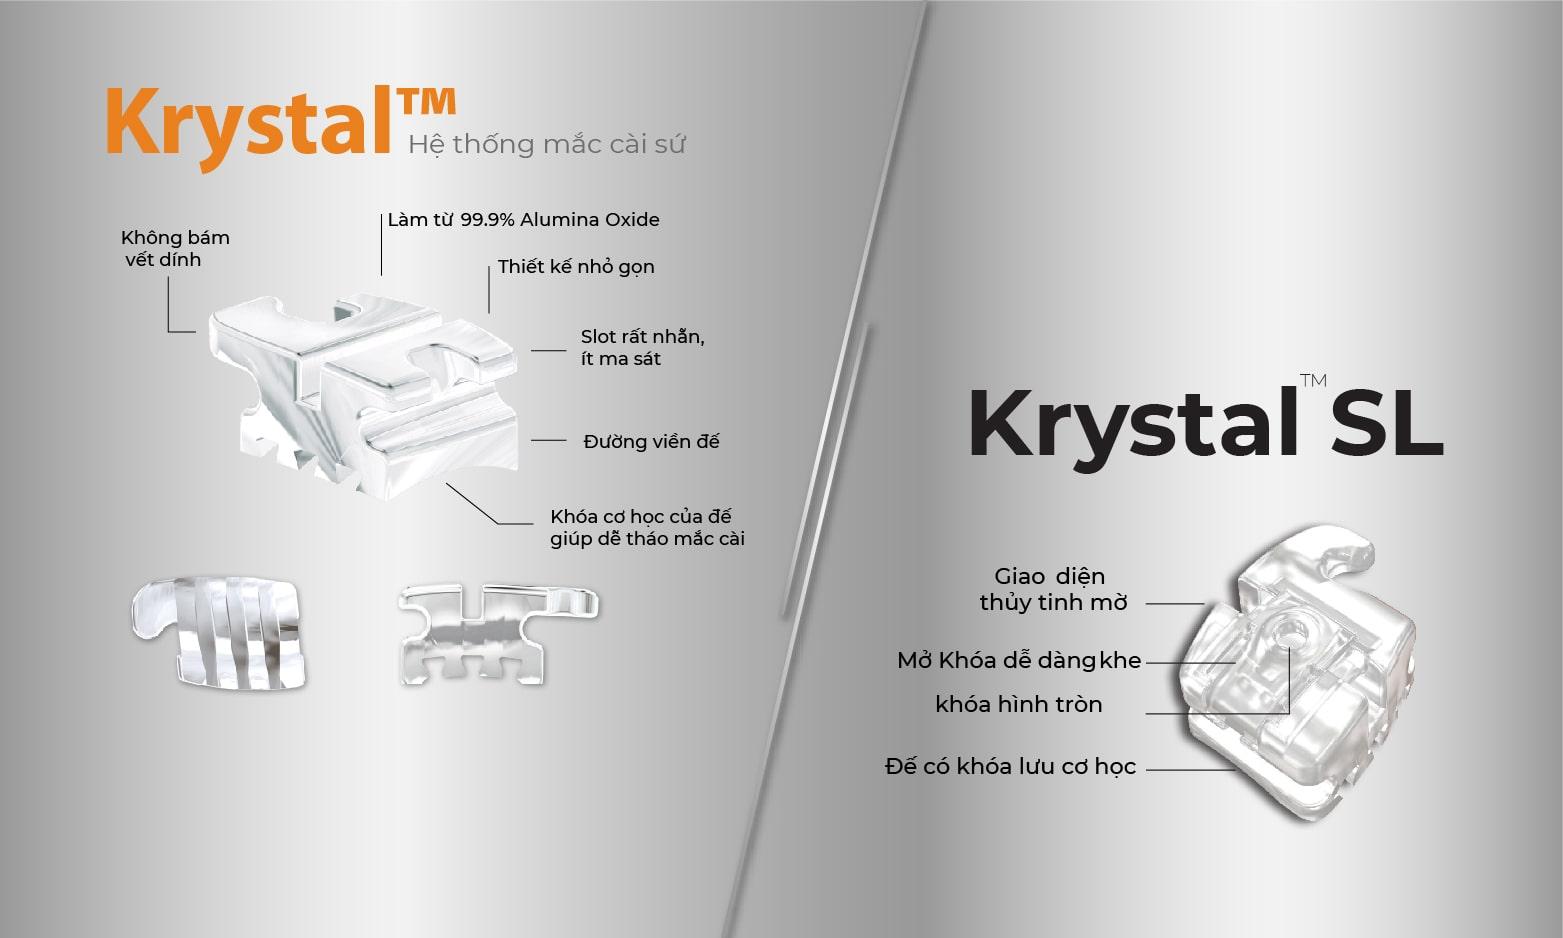 Hệ thống mắc cài sứ và sứ tự buộc Krystal và Krystal SL